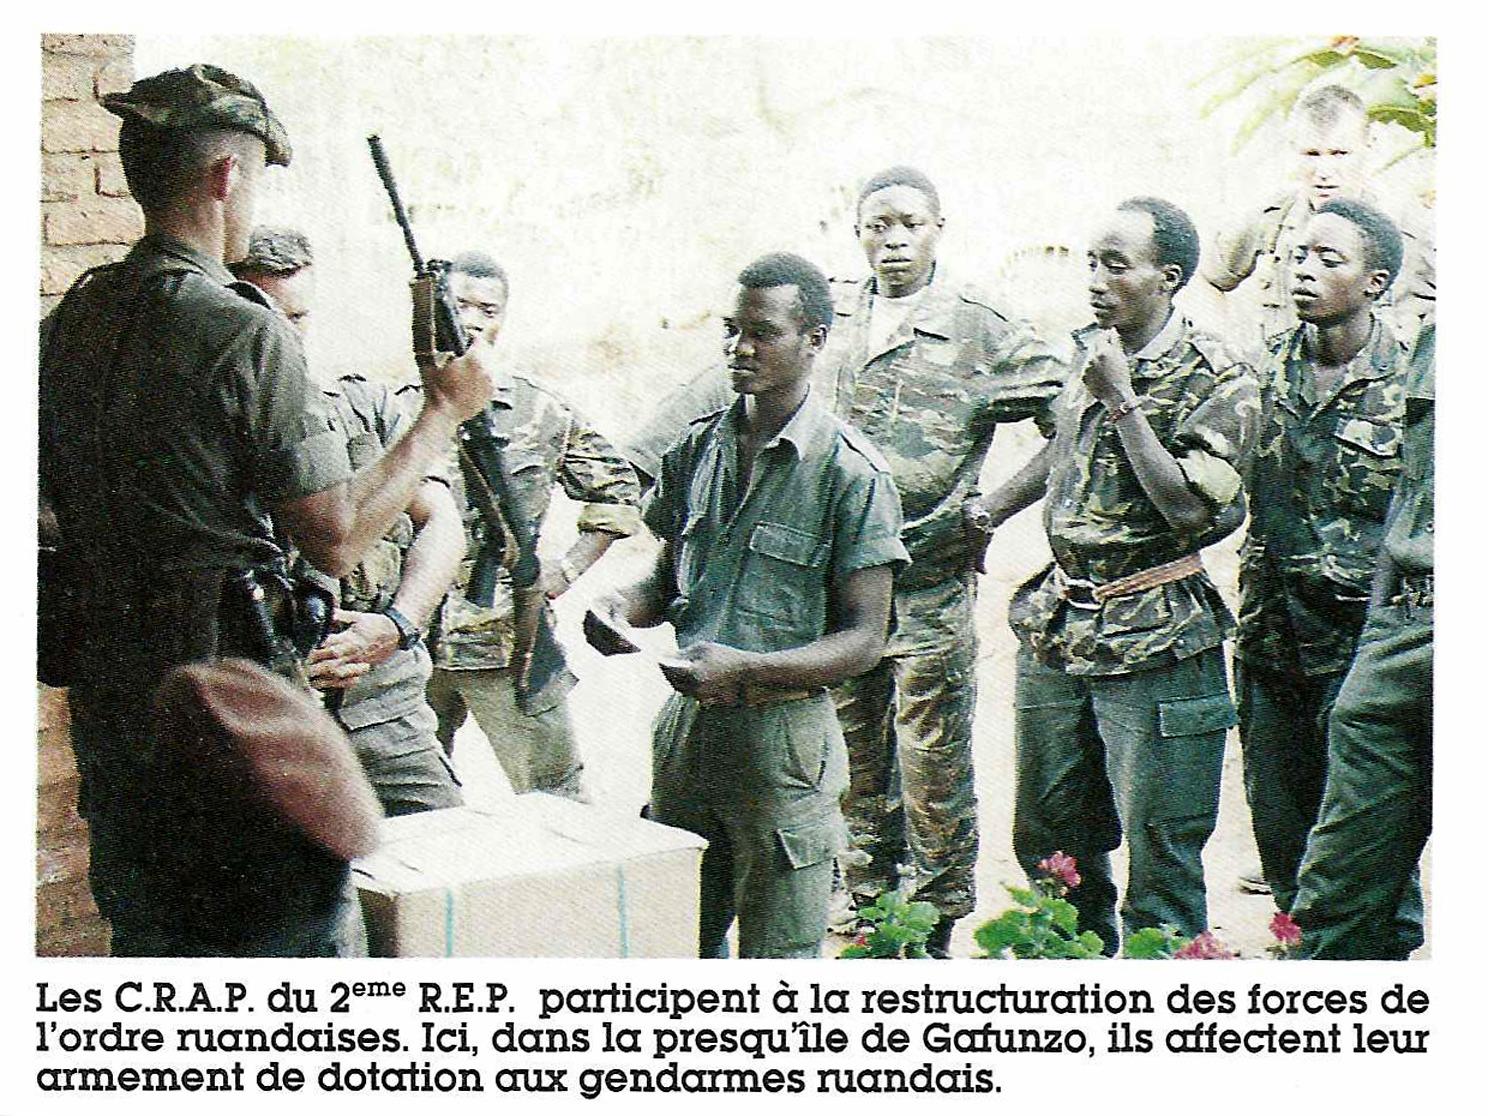 En octobre1994, Képi blanc, magazine consacré à «la vie de la Légion étrangère», immortalisait le réarmement des «forces de sécurité rwandaises» par des soldats français.